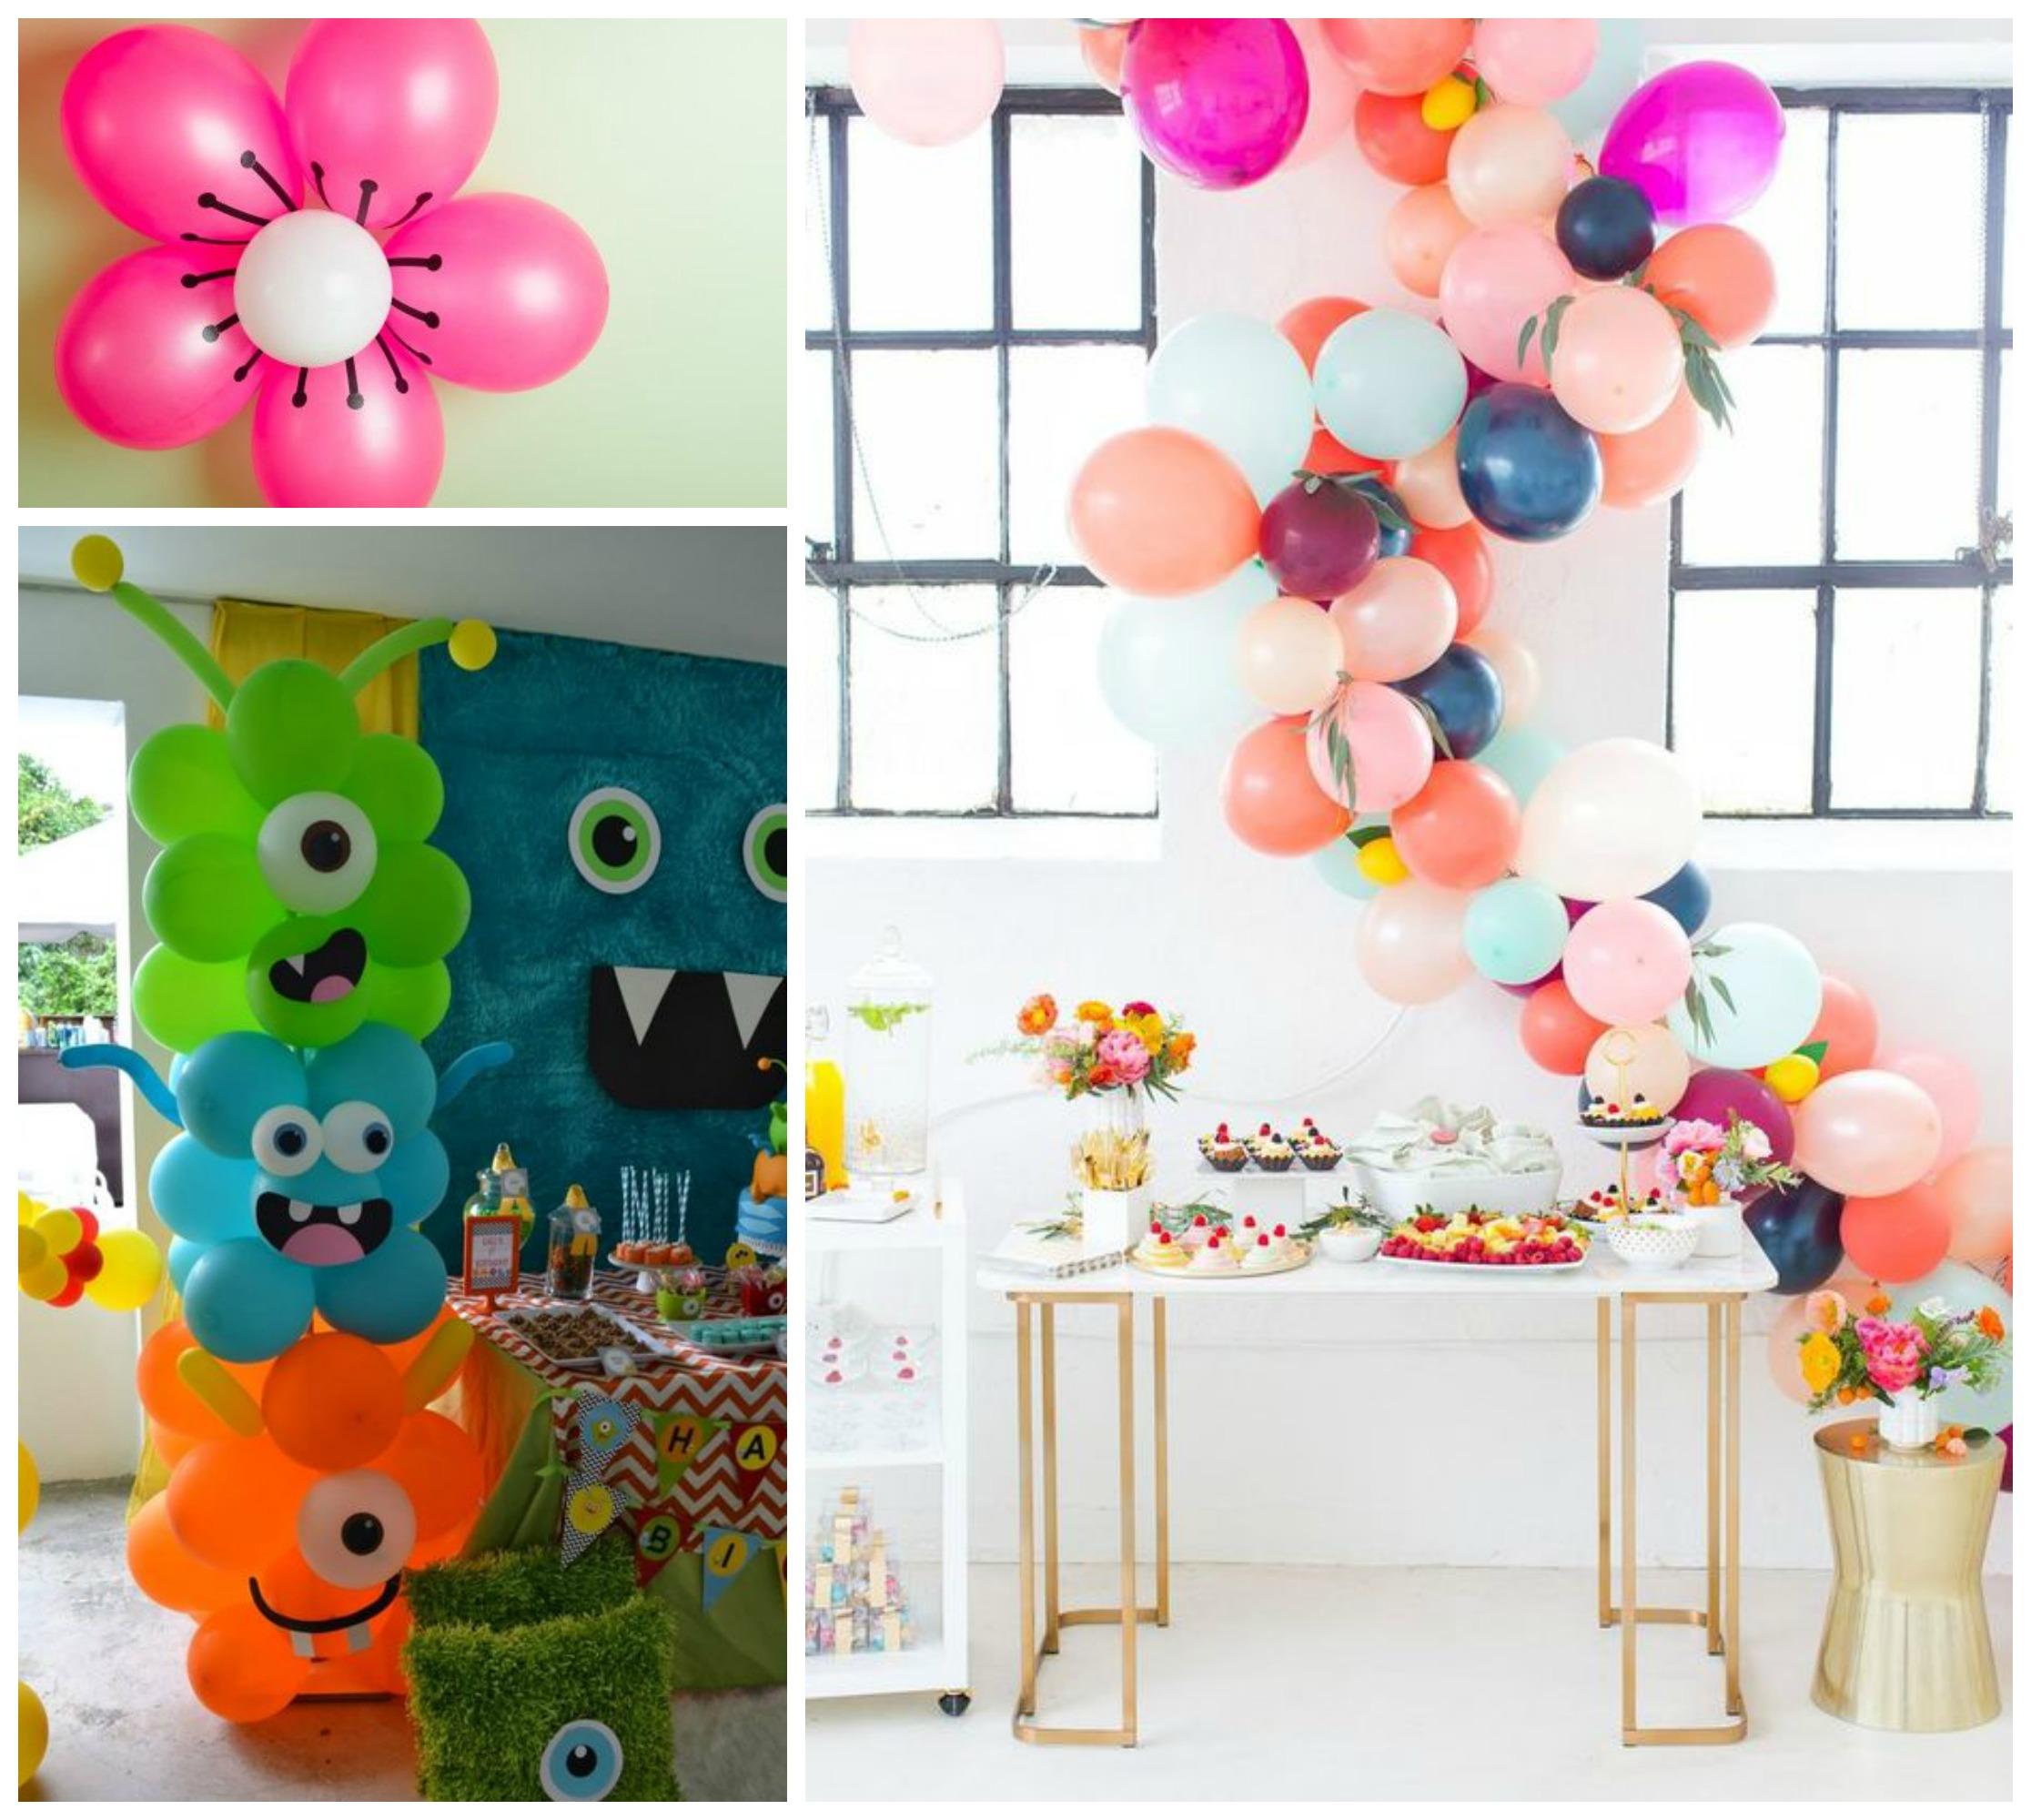 Opções de decoração com balão para festa infantil simples